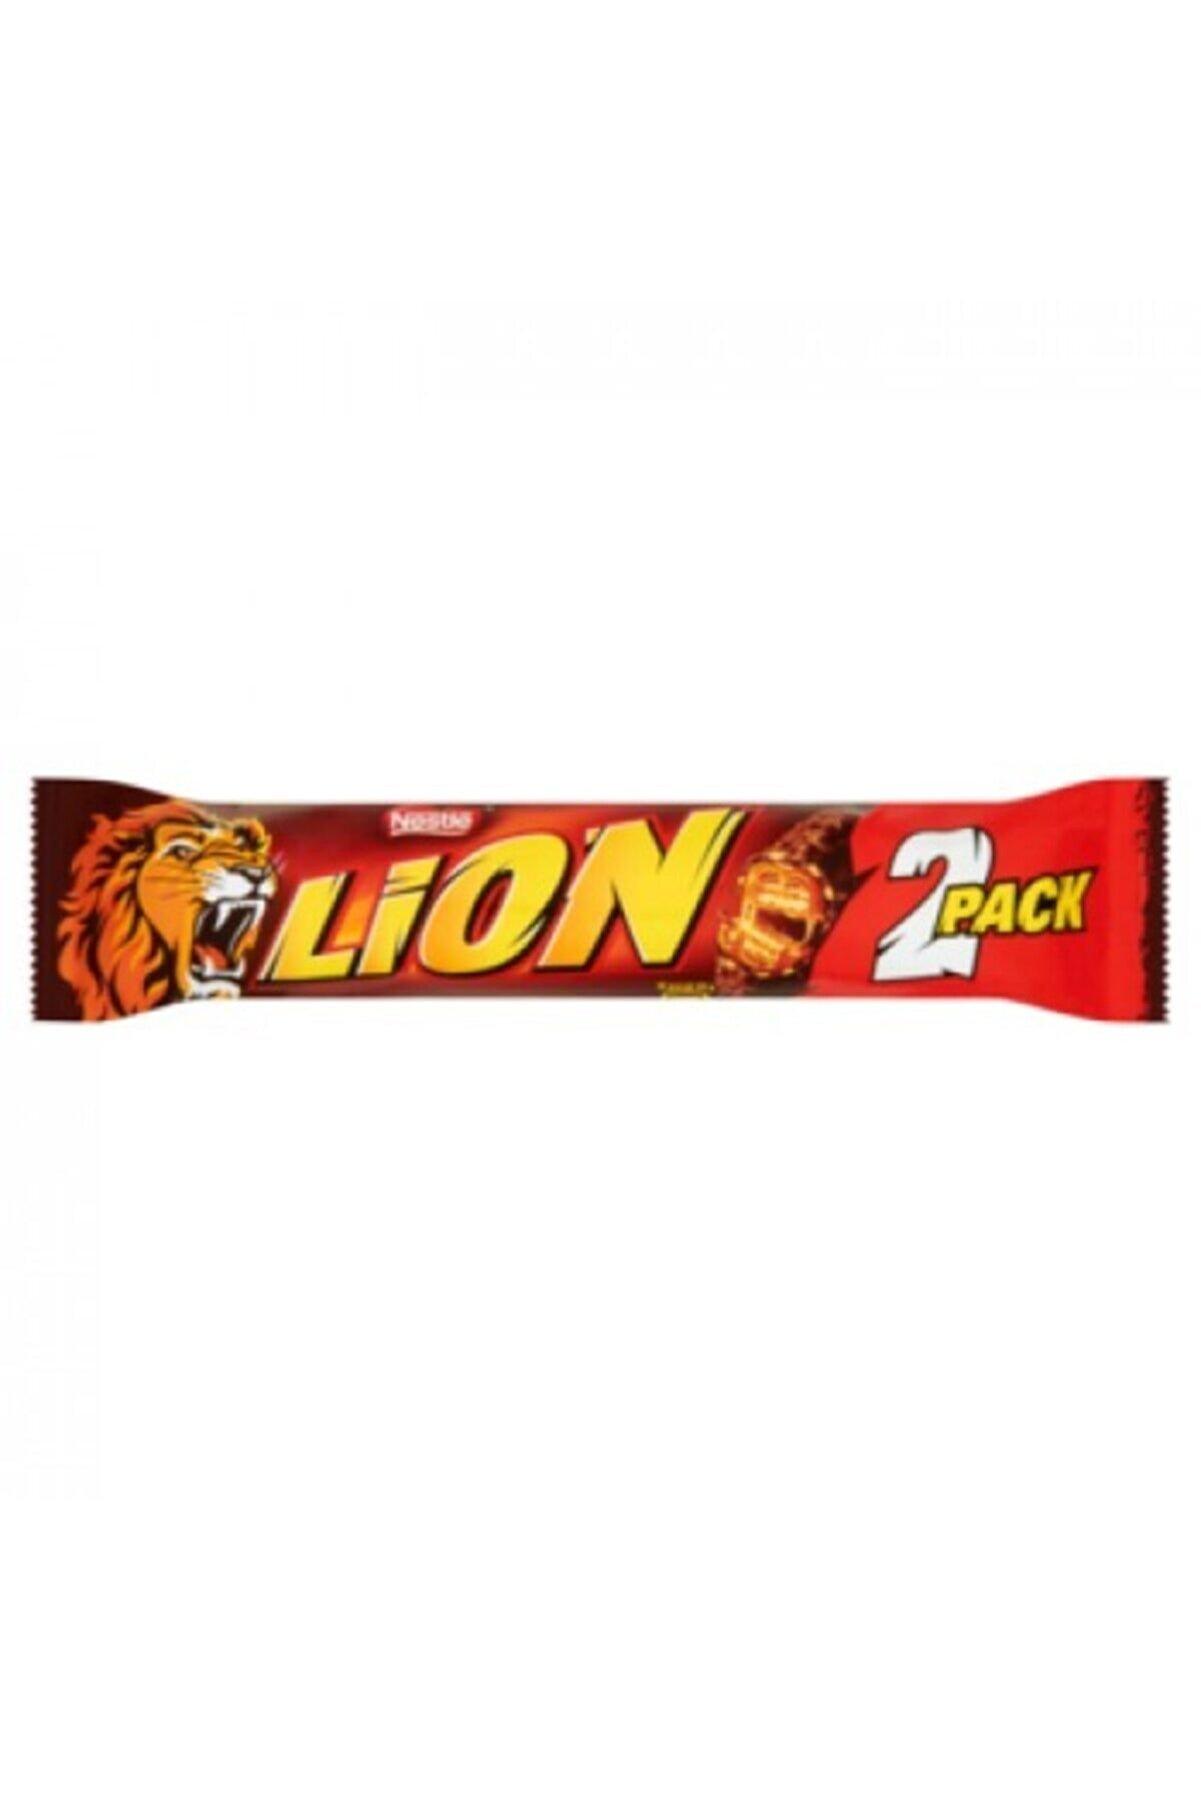 Nestle Lion Bar 2 Pack